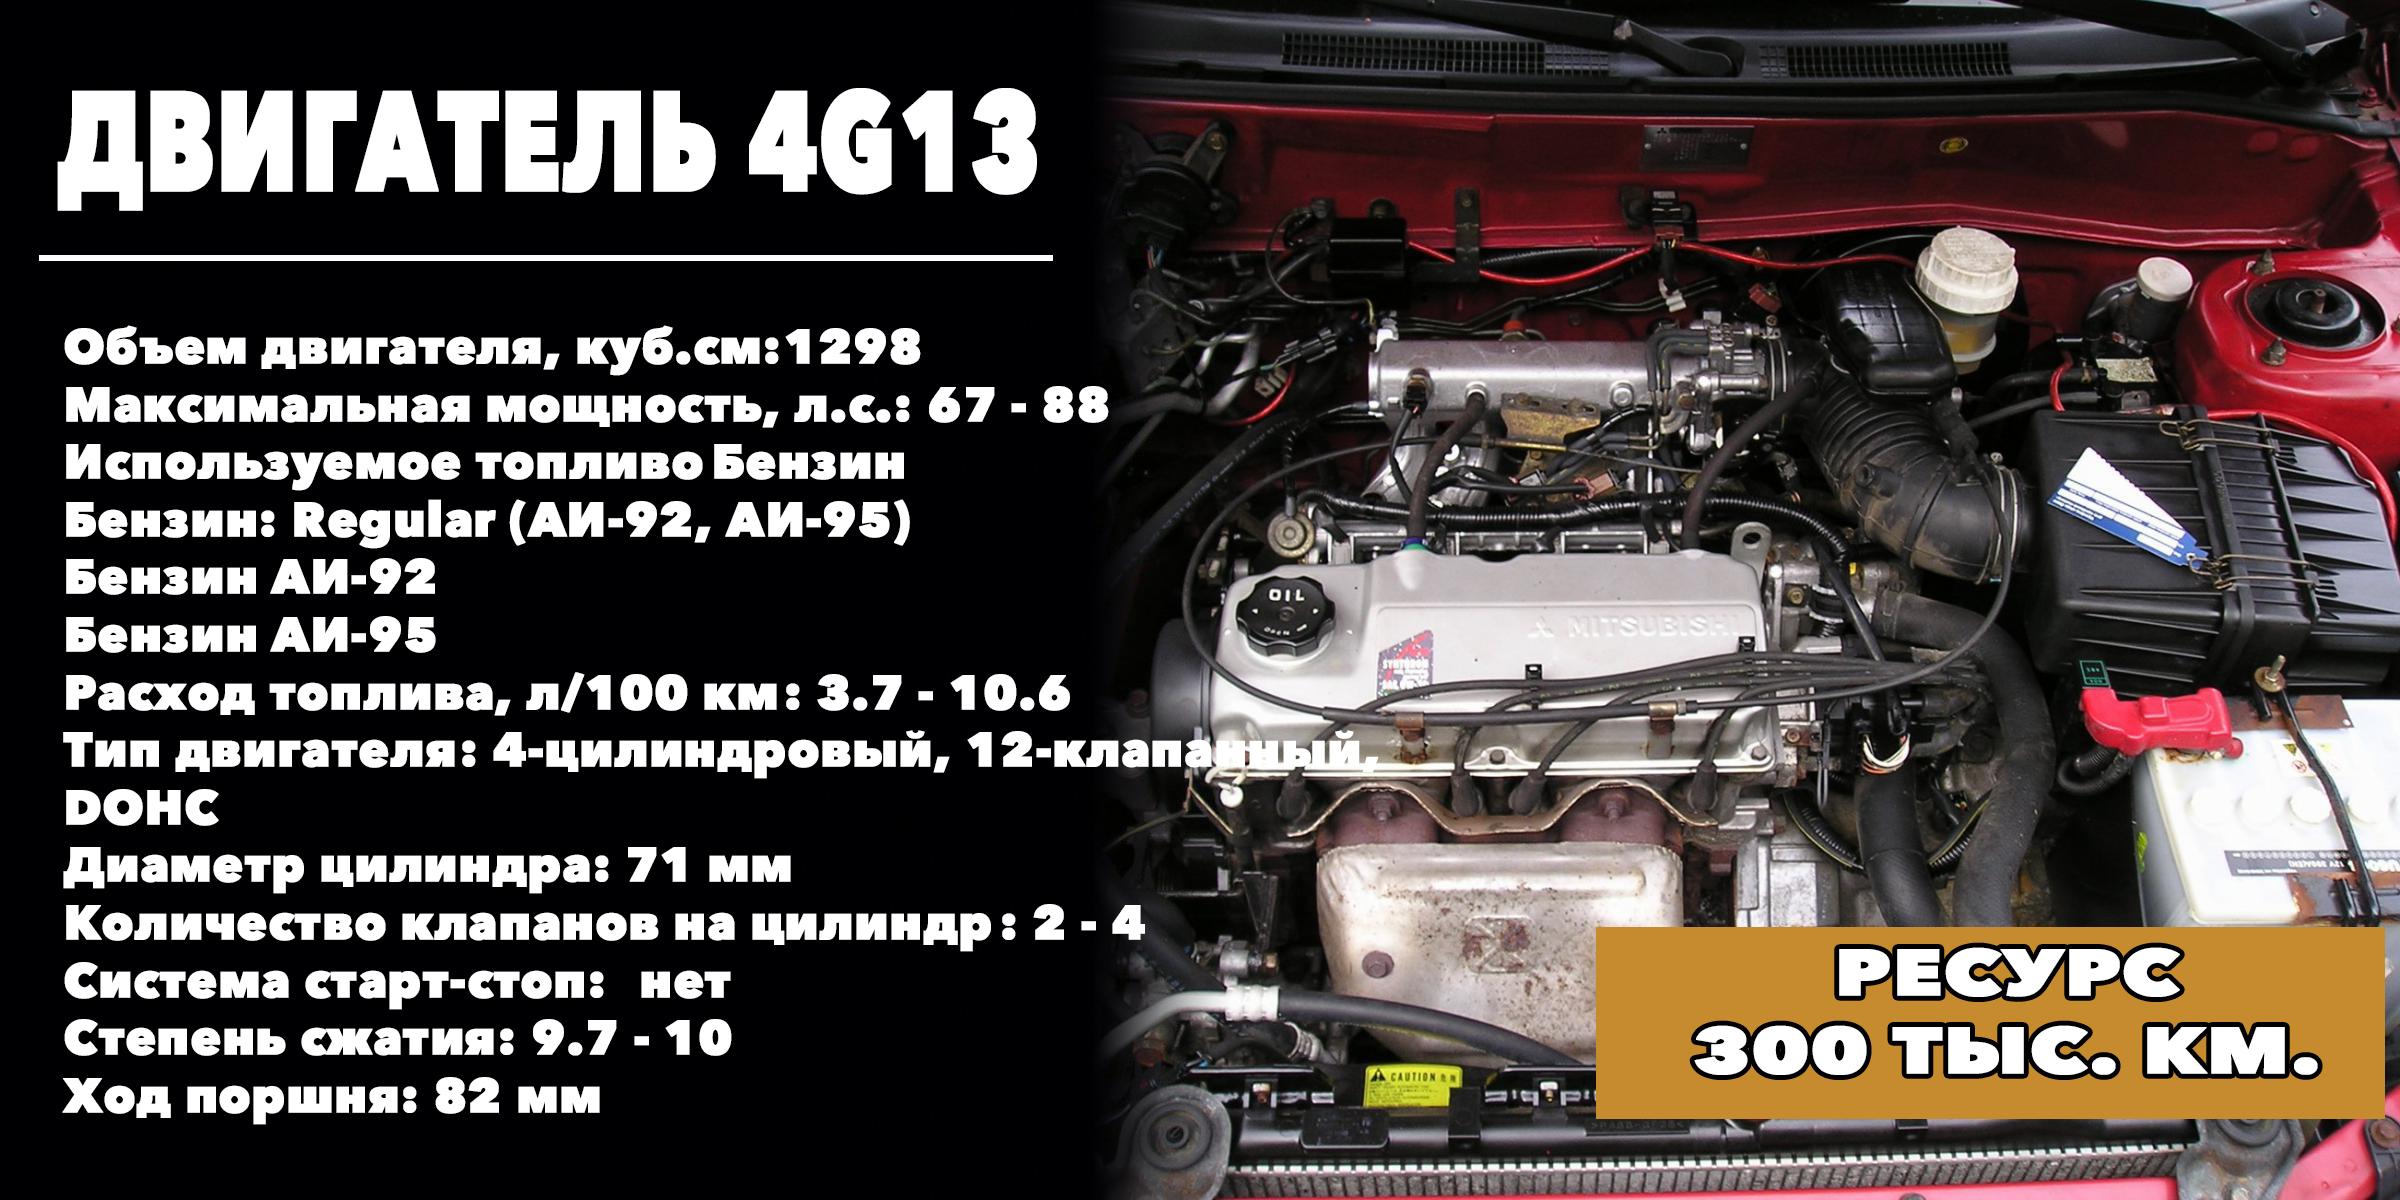 1.3-литровый 4G13: срок службы